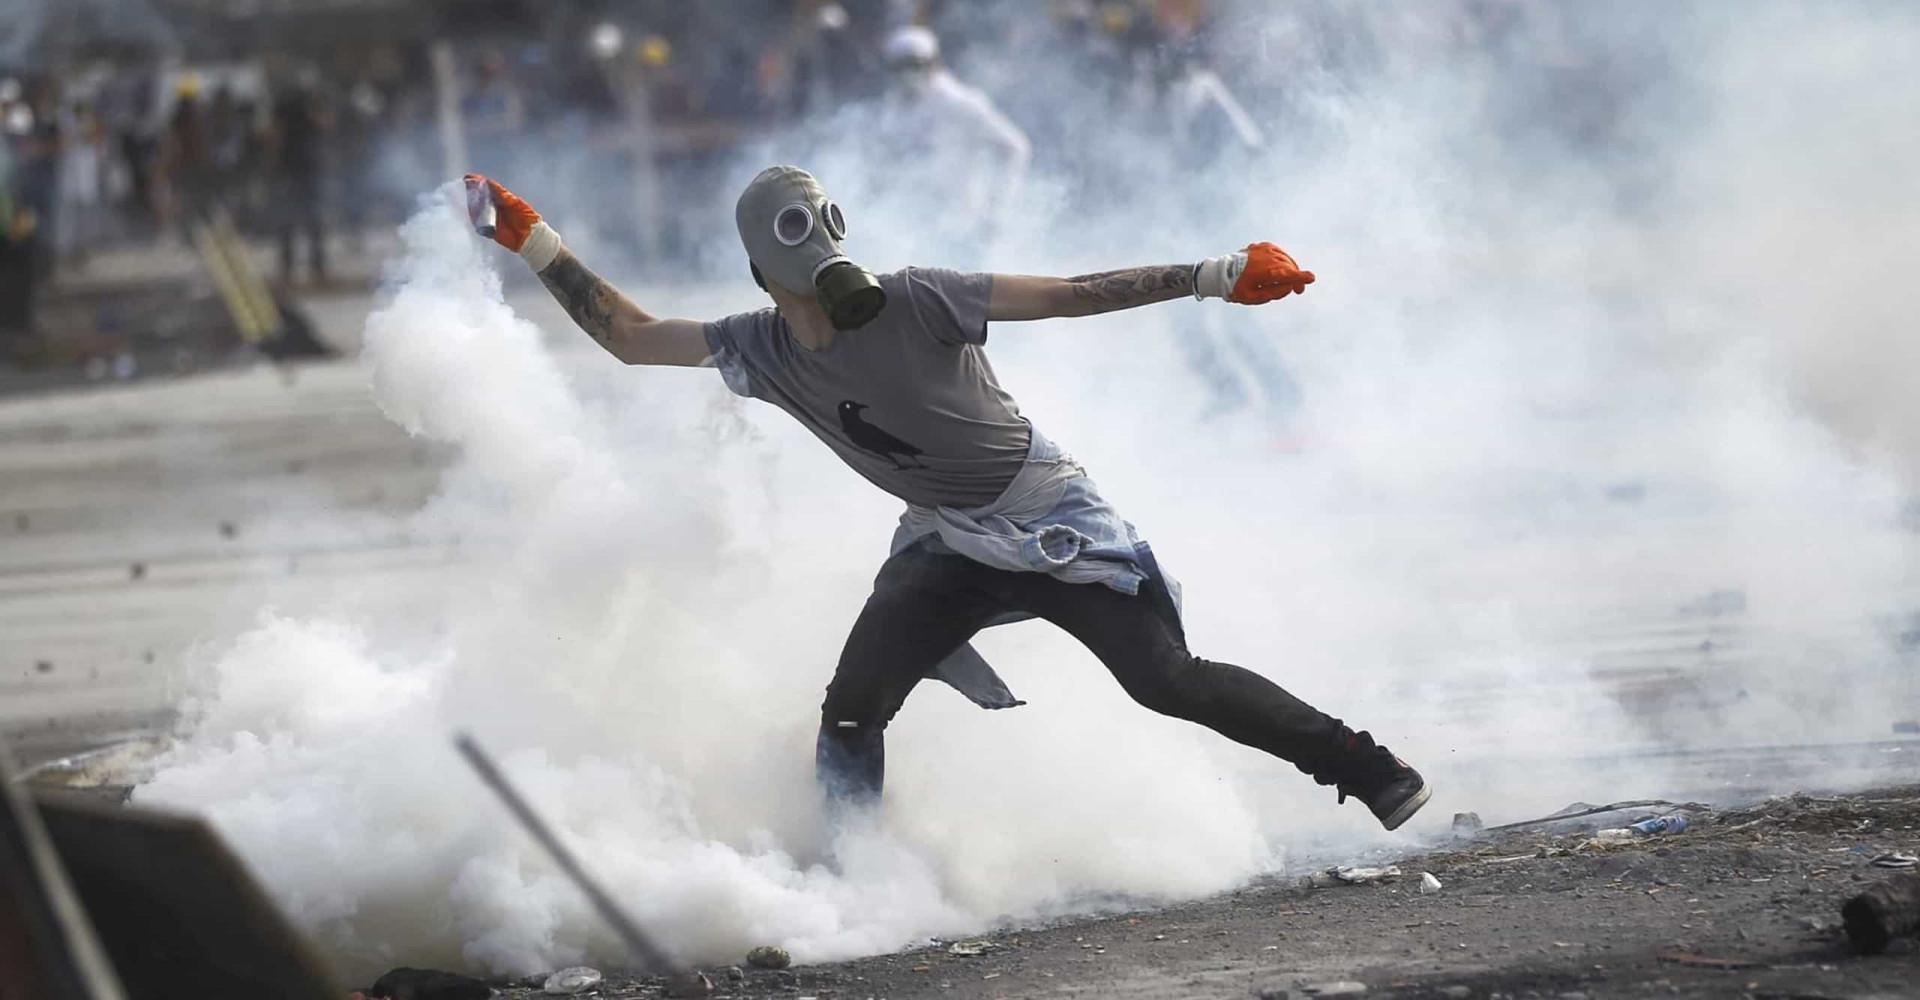 Rellen in Nederland: Toen ging het helemaal mis